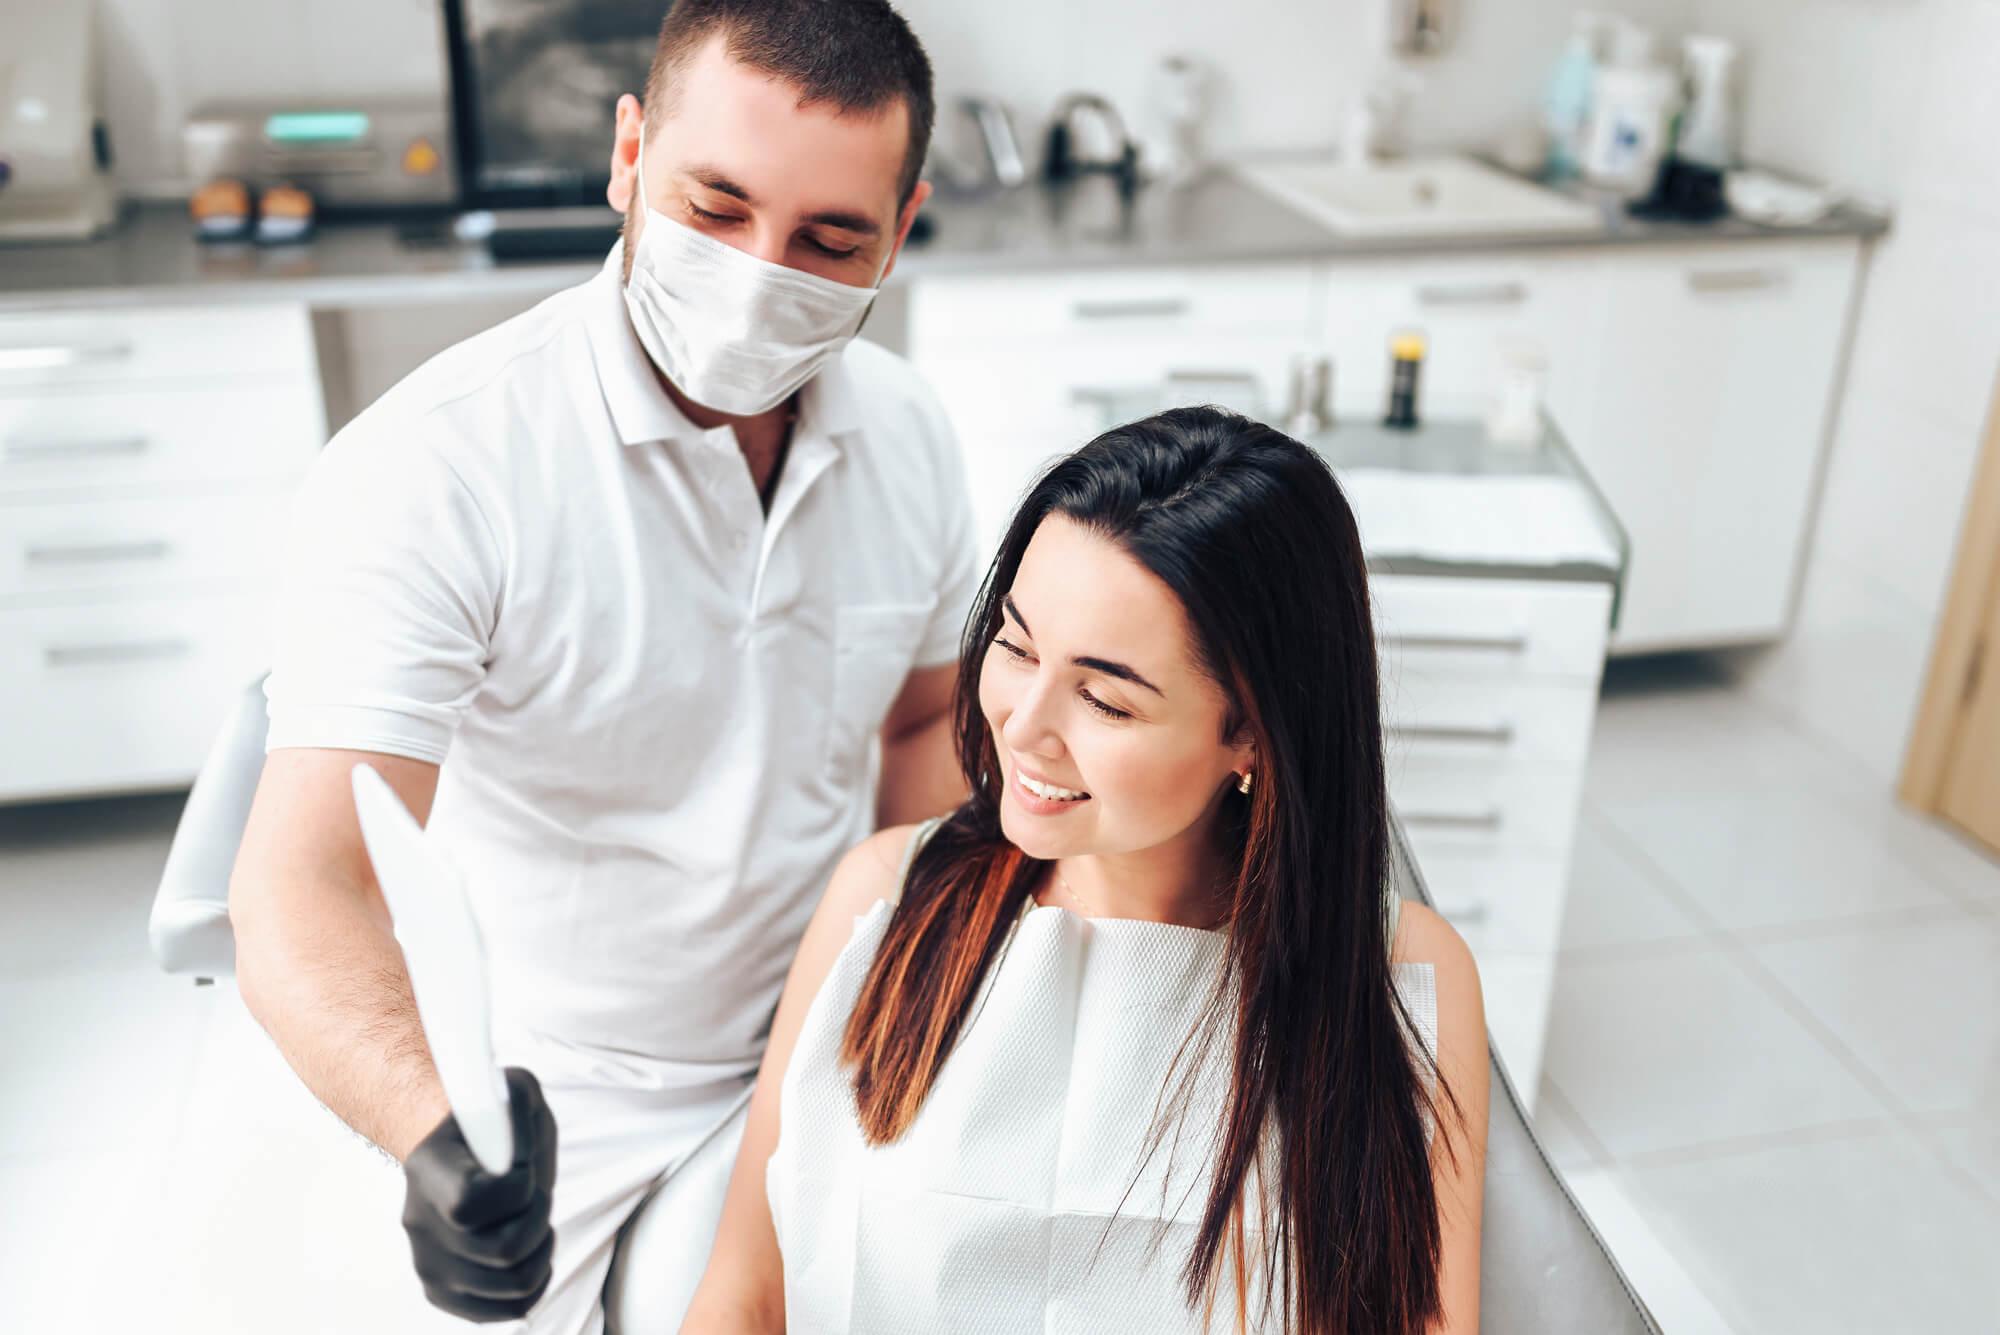 Tratamentos odontológicos: quais os mais procurados?